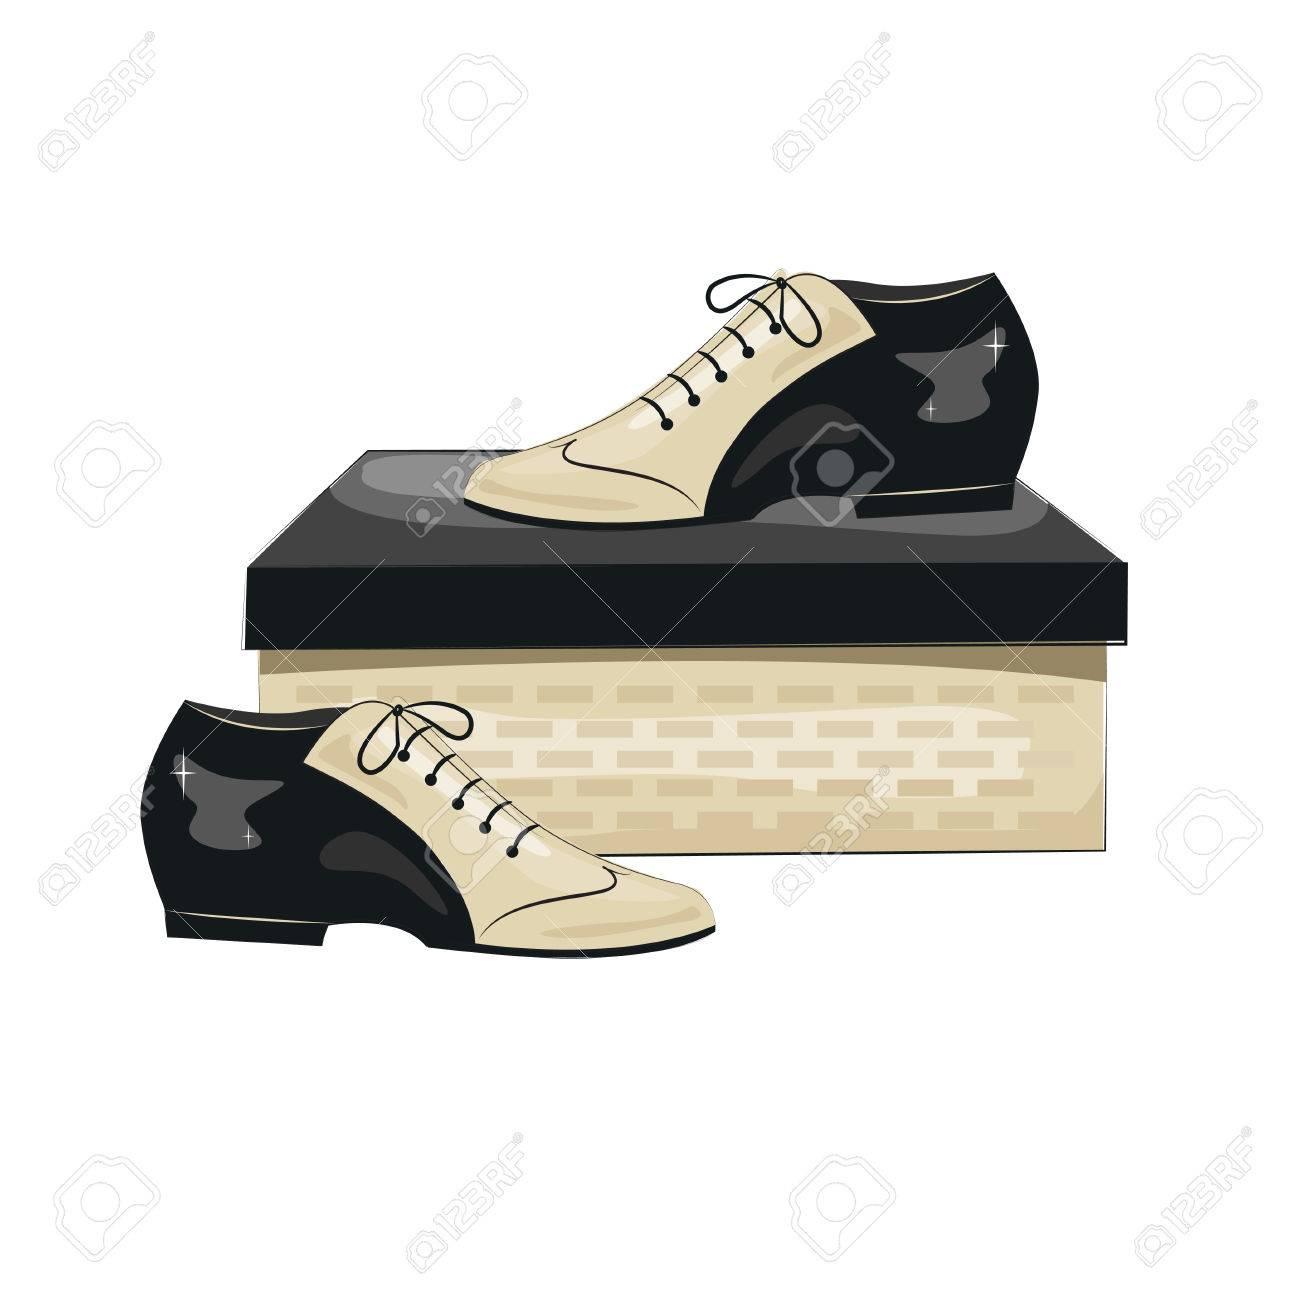 size 40 ca171 efdd0 Scarpe da uomo eleganti è. Argentini scarpe da tango. Illustrazione  vettoriale, isolato su sfondo bianco.